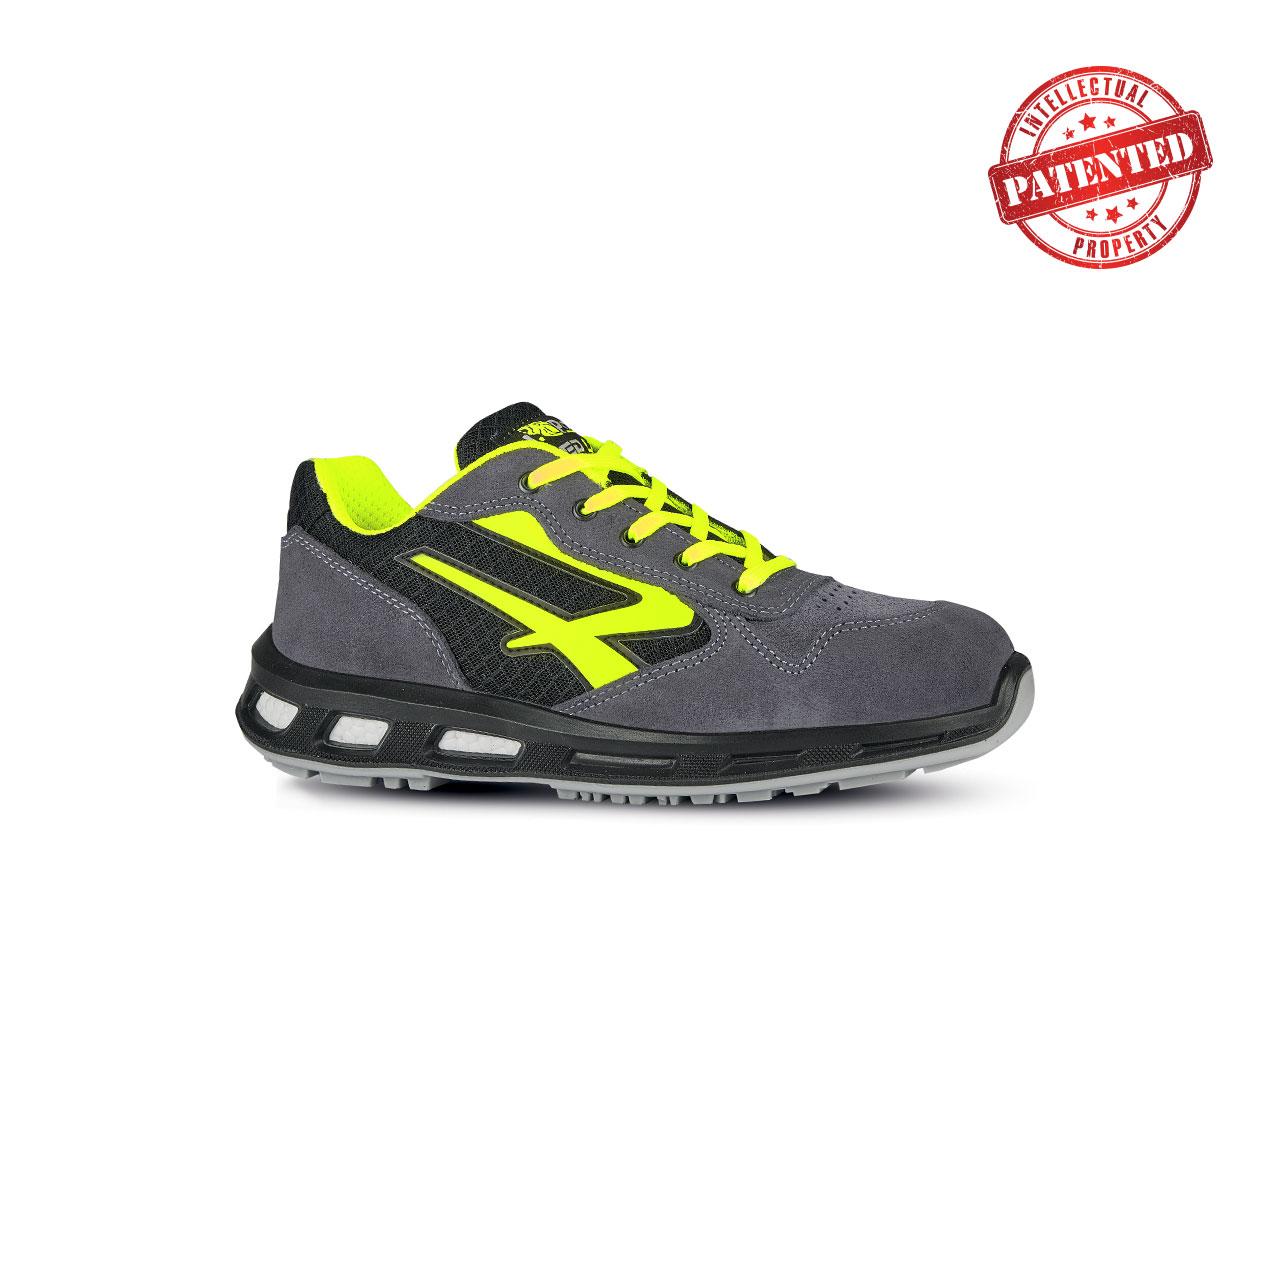 scarpa antinfortunistica upower modello yellow linea redlion vista laterale